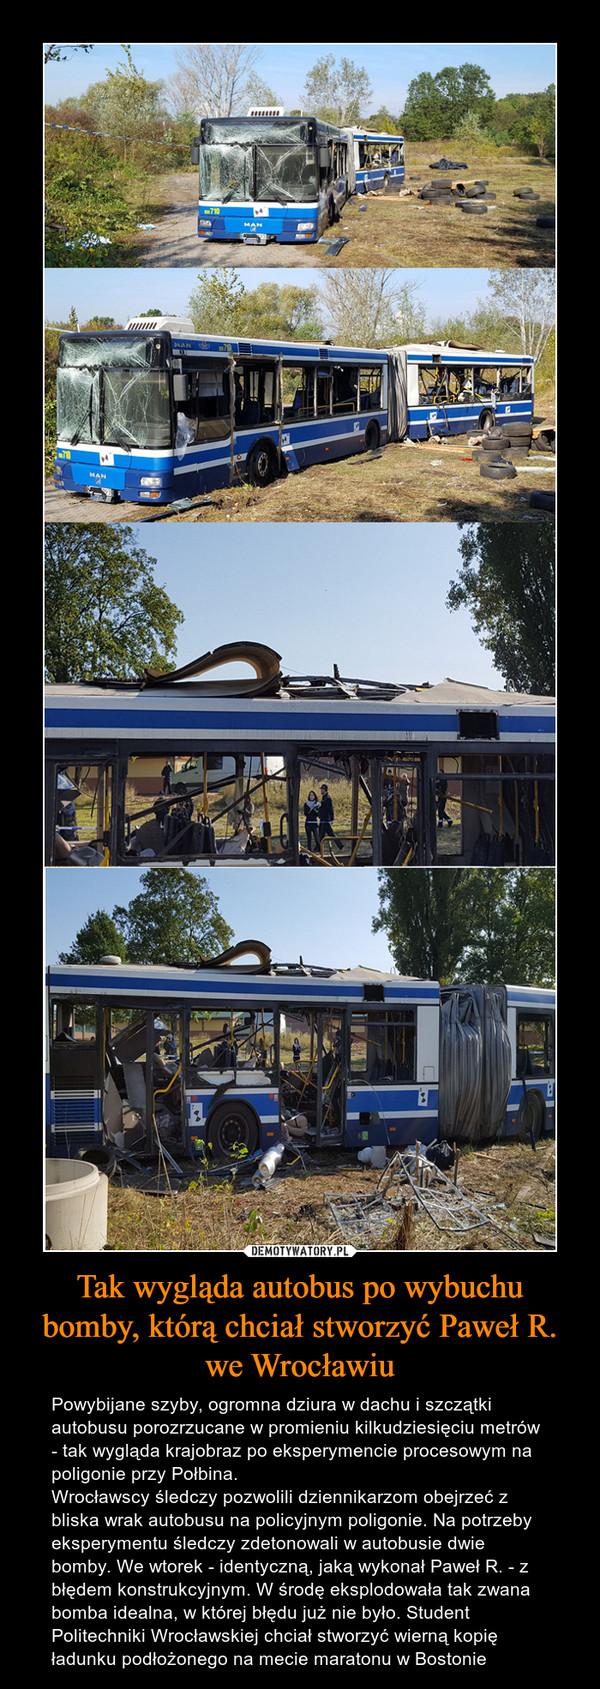 Tak wygląda autobus po wybuchu bomby, którą chciał stworzyć Paweł R. we Wrocławiu – Powybijane szyby, ogromna dziura w dachu i szczątki autobusu porozrzucane w promieniu kilkudziesięciu metrów - tak wygląda krajobraz po eksperymencie procesowym na poligonie przy Połbina.Wrocławscy śledczy pozwolili dziennikarzom obejrzeć z bliska wrak autobusu na policyjnym poligonie. Na potrzeby eksperymentu śledczy zdetonowali w autobusie dwie bomby. We wtorek - identyczną, jaką wykonał Paweł R. - z błędem konstrukcyjnym. W środę eksplodowała tak zwana bomba idealna, w której błędu już nie było. Student Politechniki Wrocławskiej chciał stworzyć wierną kopię ładunku podłożonego na mecie maratonu w Bostonie